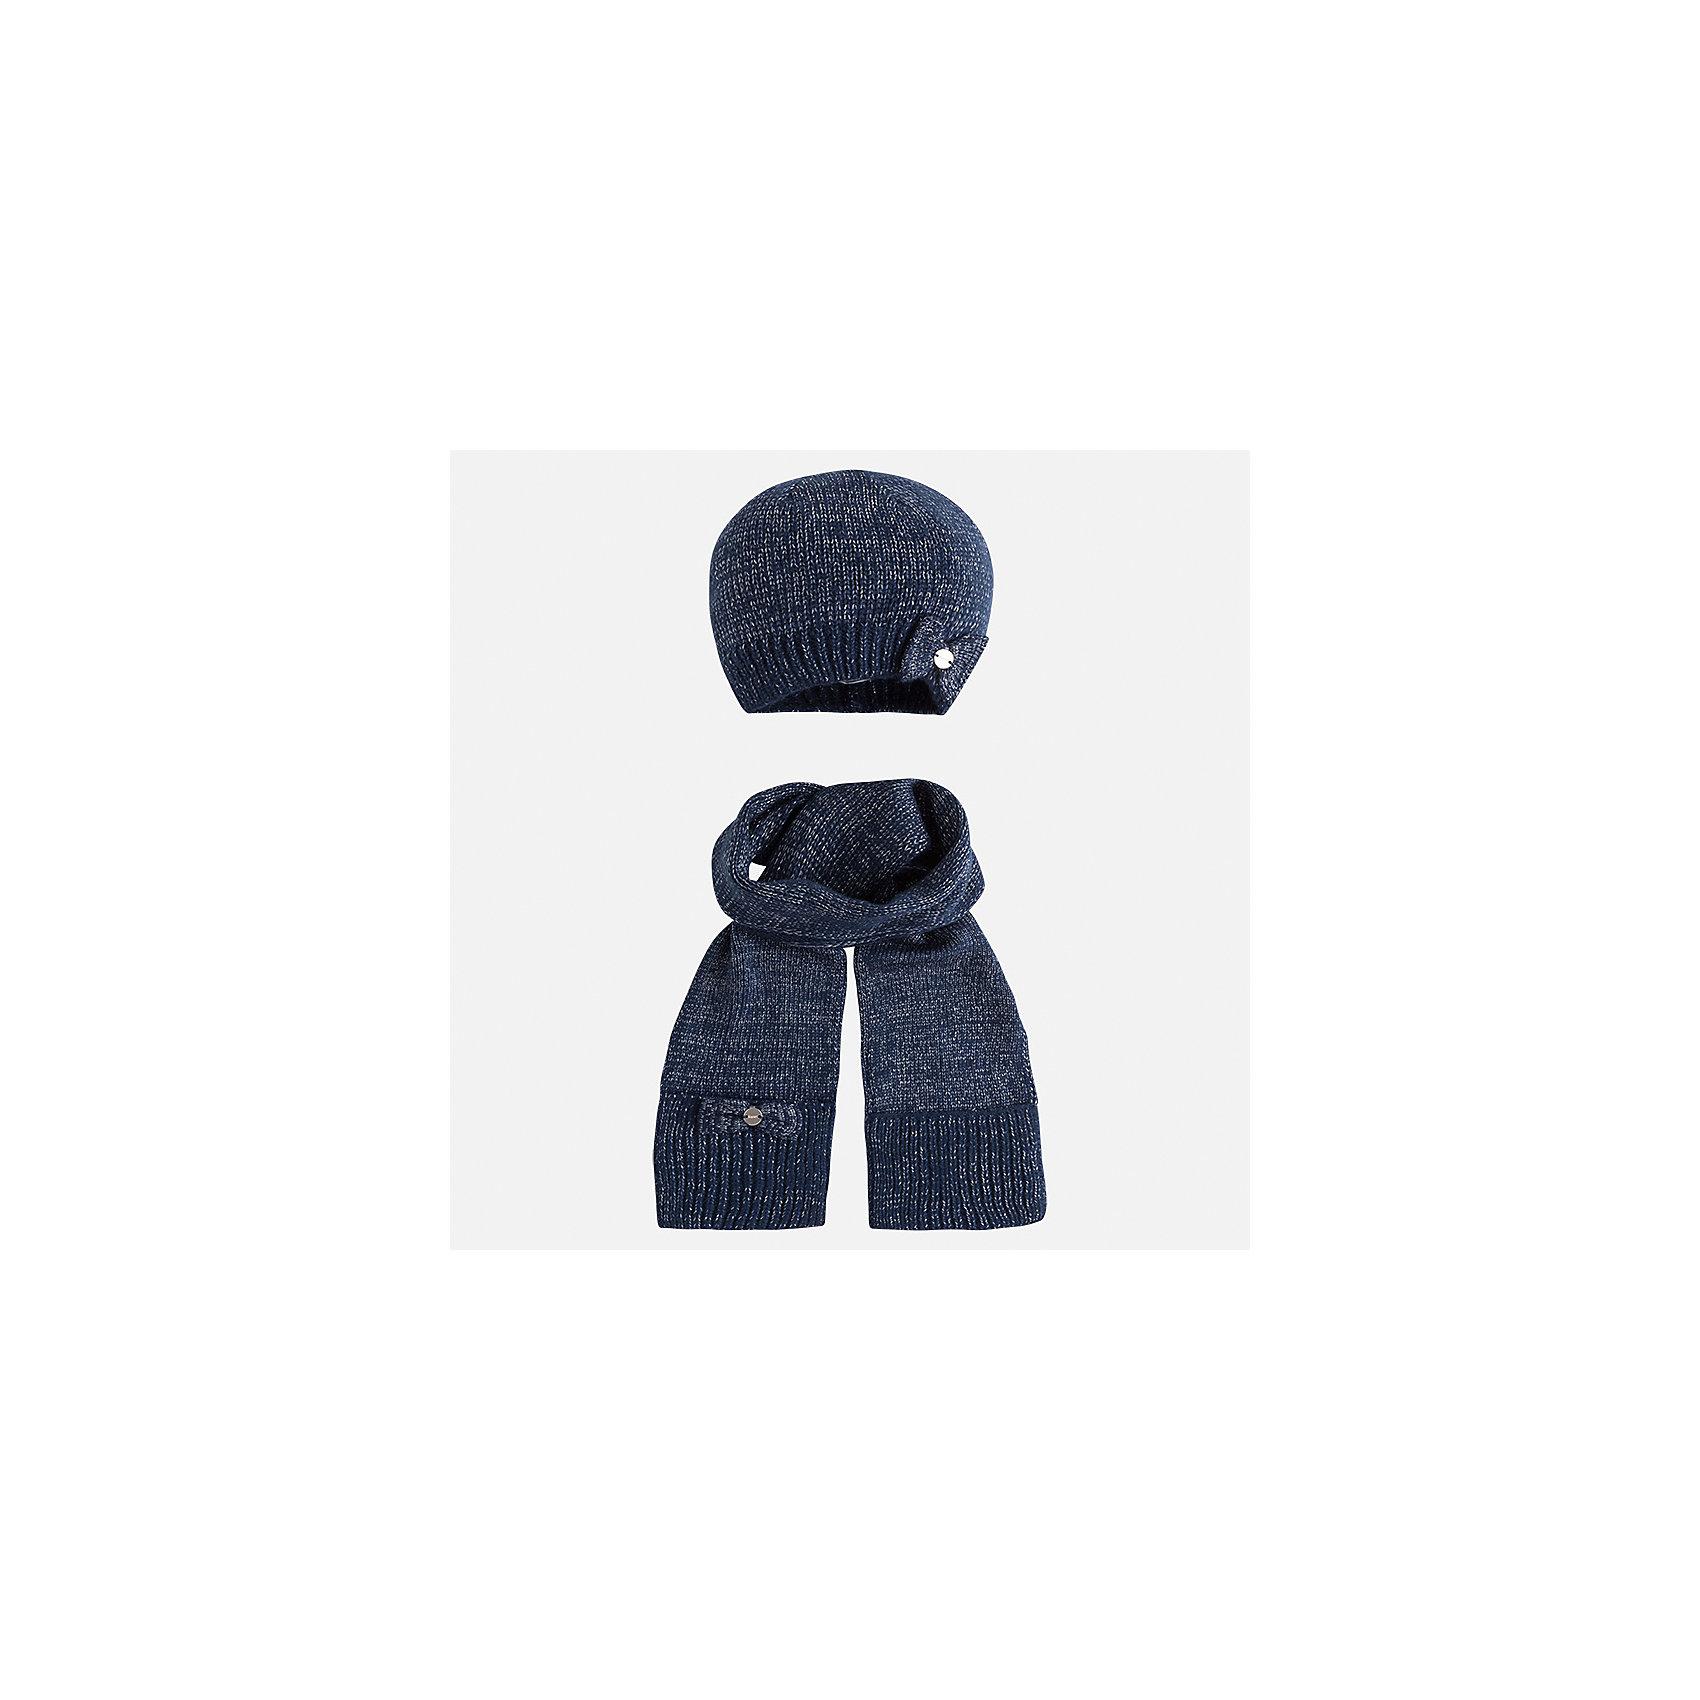 Комплект: шапка и шарф Mayoral для девочкиШарфы, платки<br>Характеристики товара:<br><br>• цвет: синий<br>• состав ткани: 93% акрил, 5% полиамид, 2% металлизированная нить<br>• сезон: демисезон<br>• комплектация: шапка, шарф<br>• страна бренда: Испания<br>• страна изготовитель: Индия<br><br>Синий демисезонный набор для детей смотрится аккуратно и стильно. Розовый модный комплект - вязаные шапка и шарф для девочки от популярного бренда Mayoral - отличается декором в виде бантов. <br><br>В одежде от испанской компании Майорал ребенок будет выглядеть модно, а чувствовать себя - комфортно. Целая команда европейских талантливых дизайнеров работает над созданием стильных и оригинальных моделей одежды. <br><br>Комплект: шапка и шарф для девочки Mayoral (Майорал) можно купить в нашем интернет-магазине.<br><br>Ширина мм: 89<br>Глубина мм: 117<br>Высота мм: 44<br>Вес г: 155<br>Цвет: синий<br>Возраст от месяцев: 72<br>Возраст до месяцев: 84<br>Пол: Женский<br>Возраст: Детский<br>Размер: 54,50,52<br>SKU: 6925675